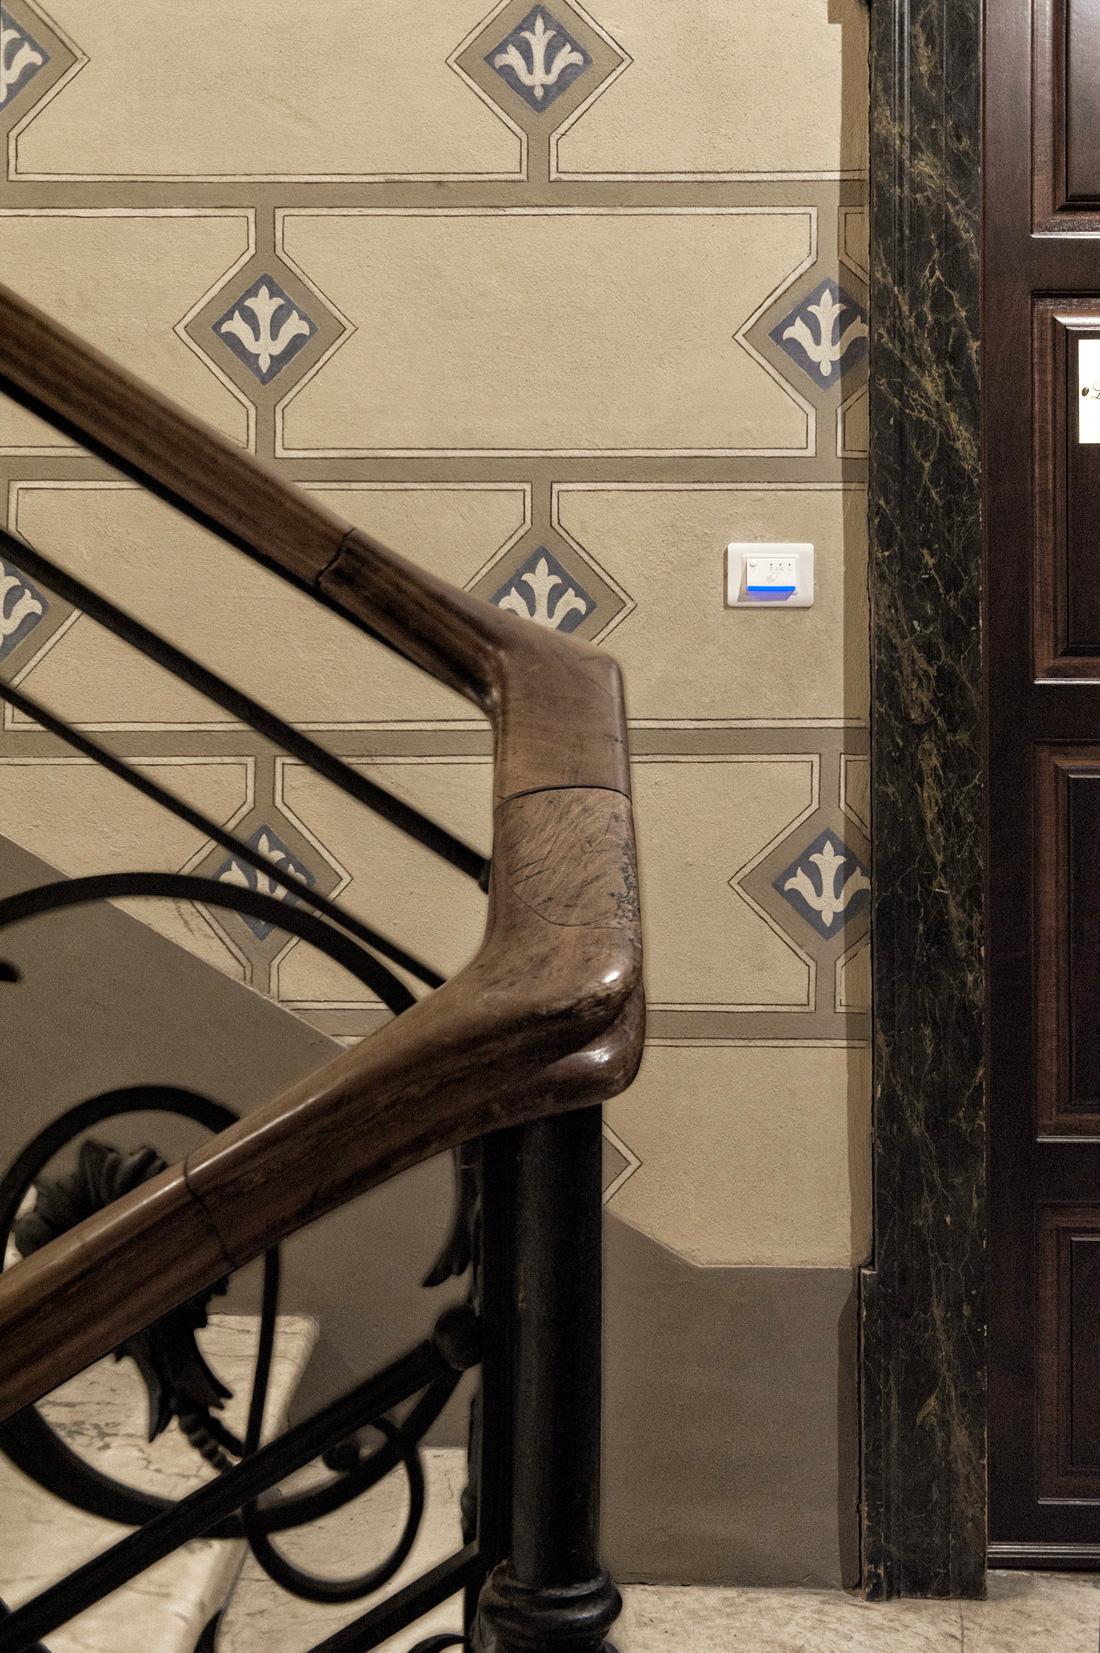 Lettore di card ospiti - Residenza L'Angolo di Verona